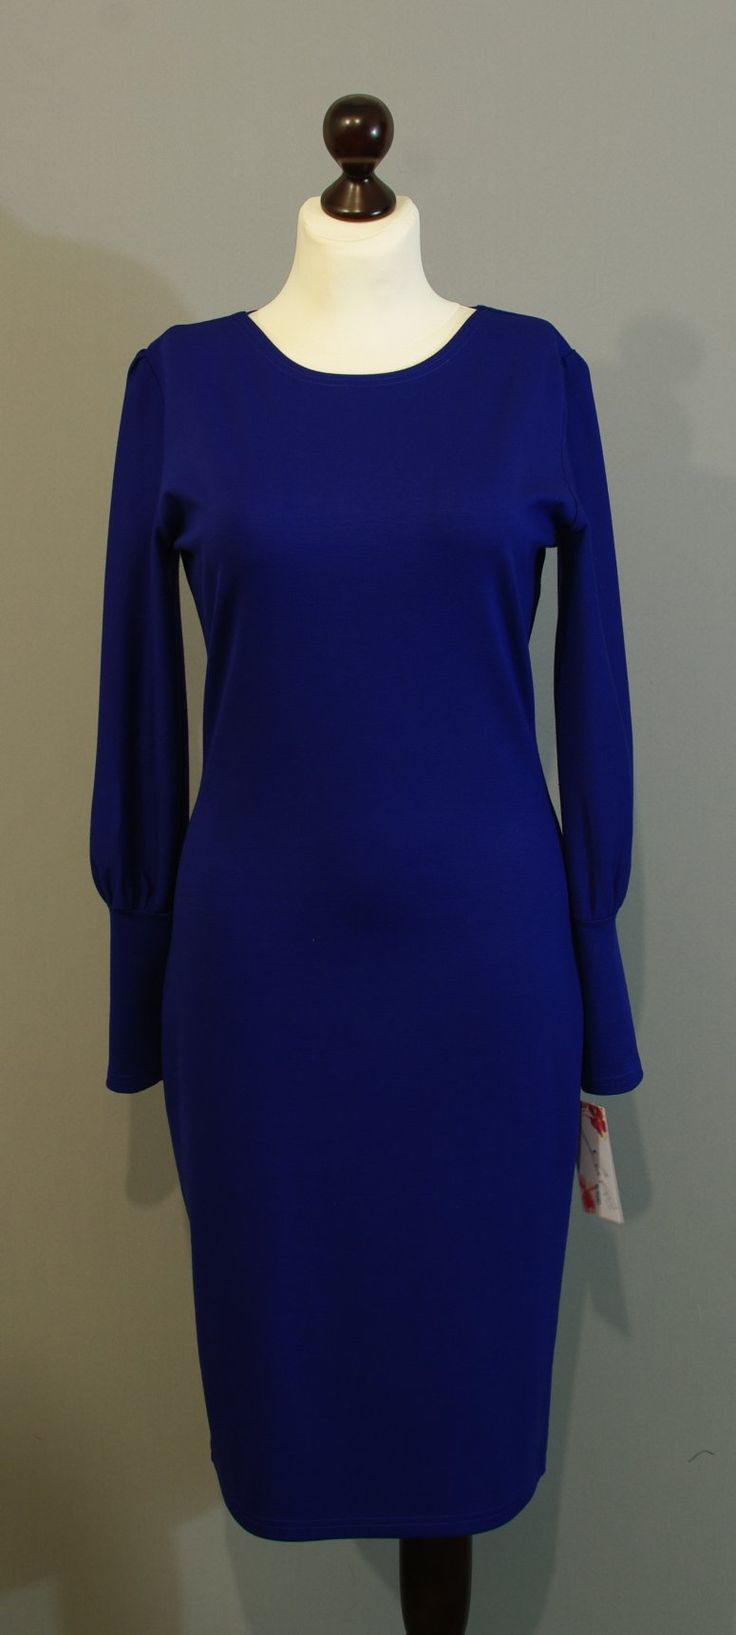 Теплое платье цвета индиго от дизайнера Юлии, Платье-терапия Киев (31)